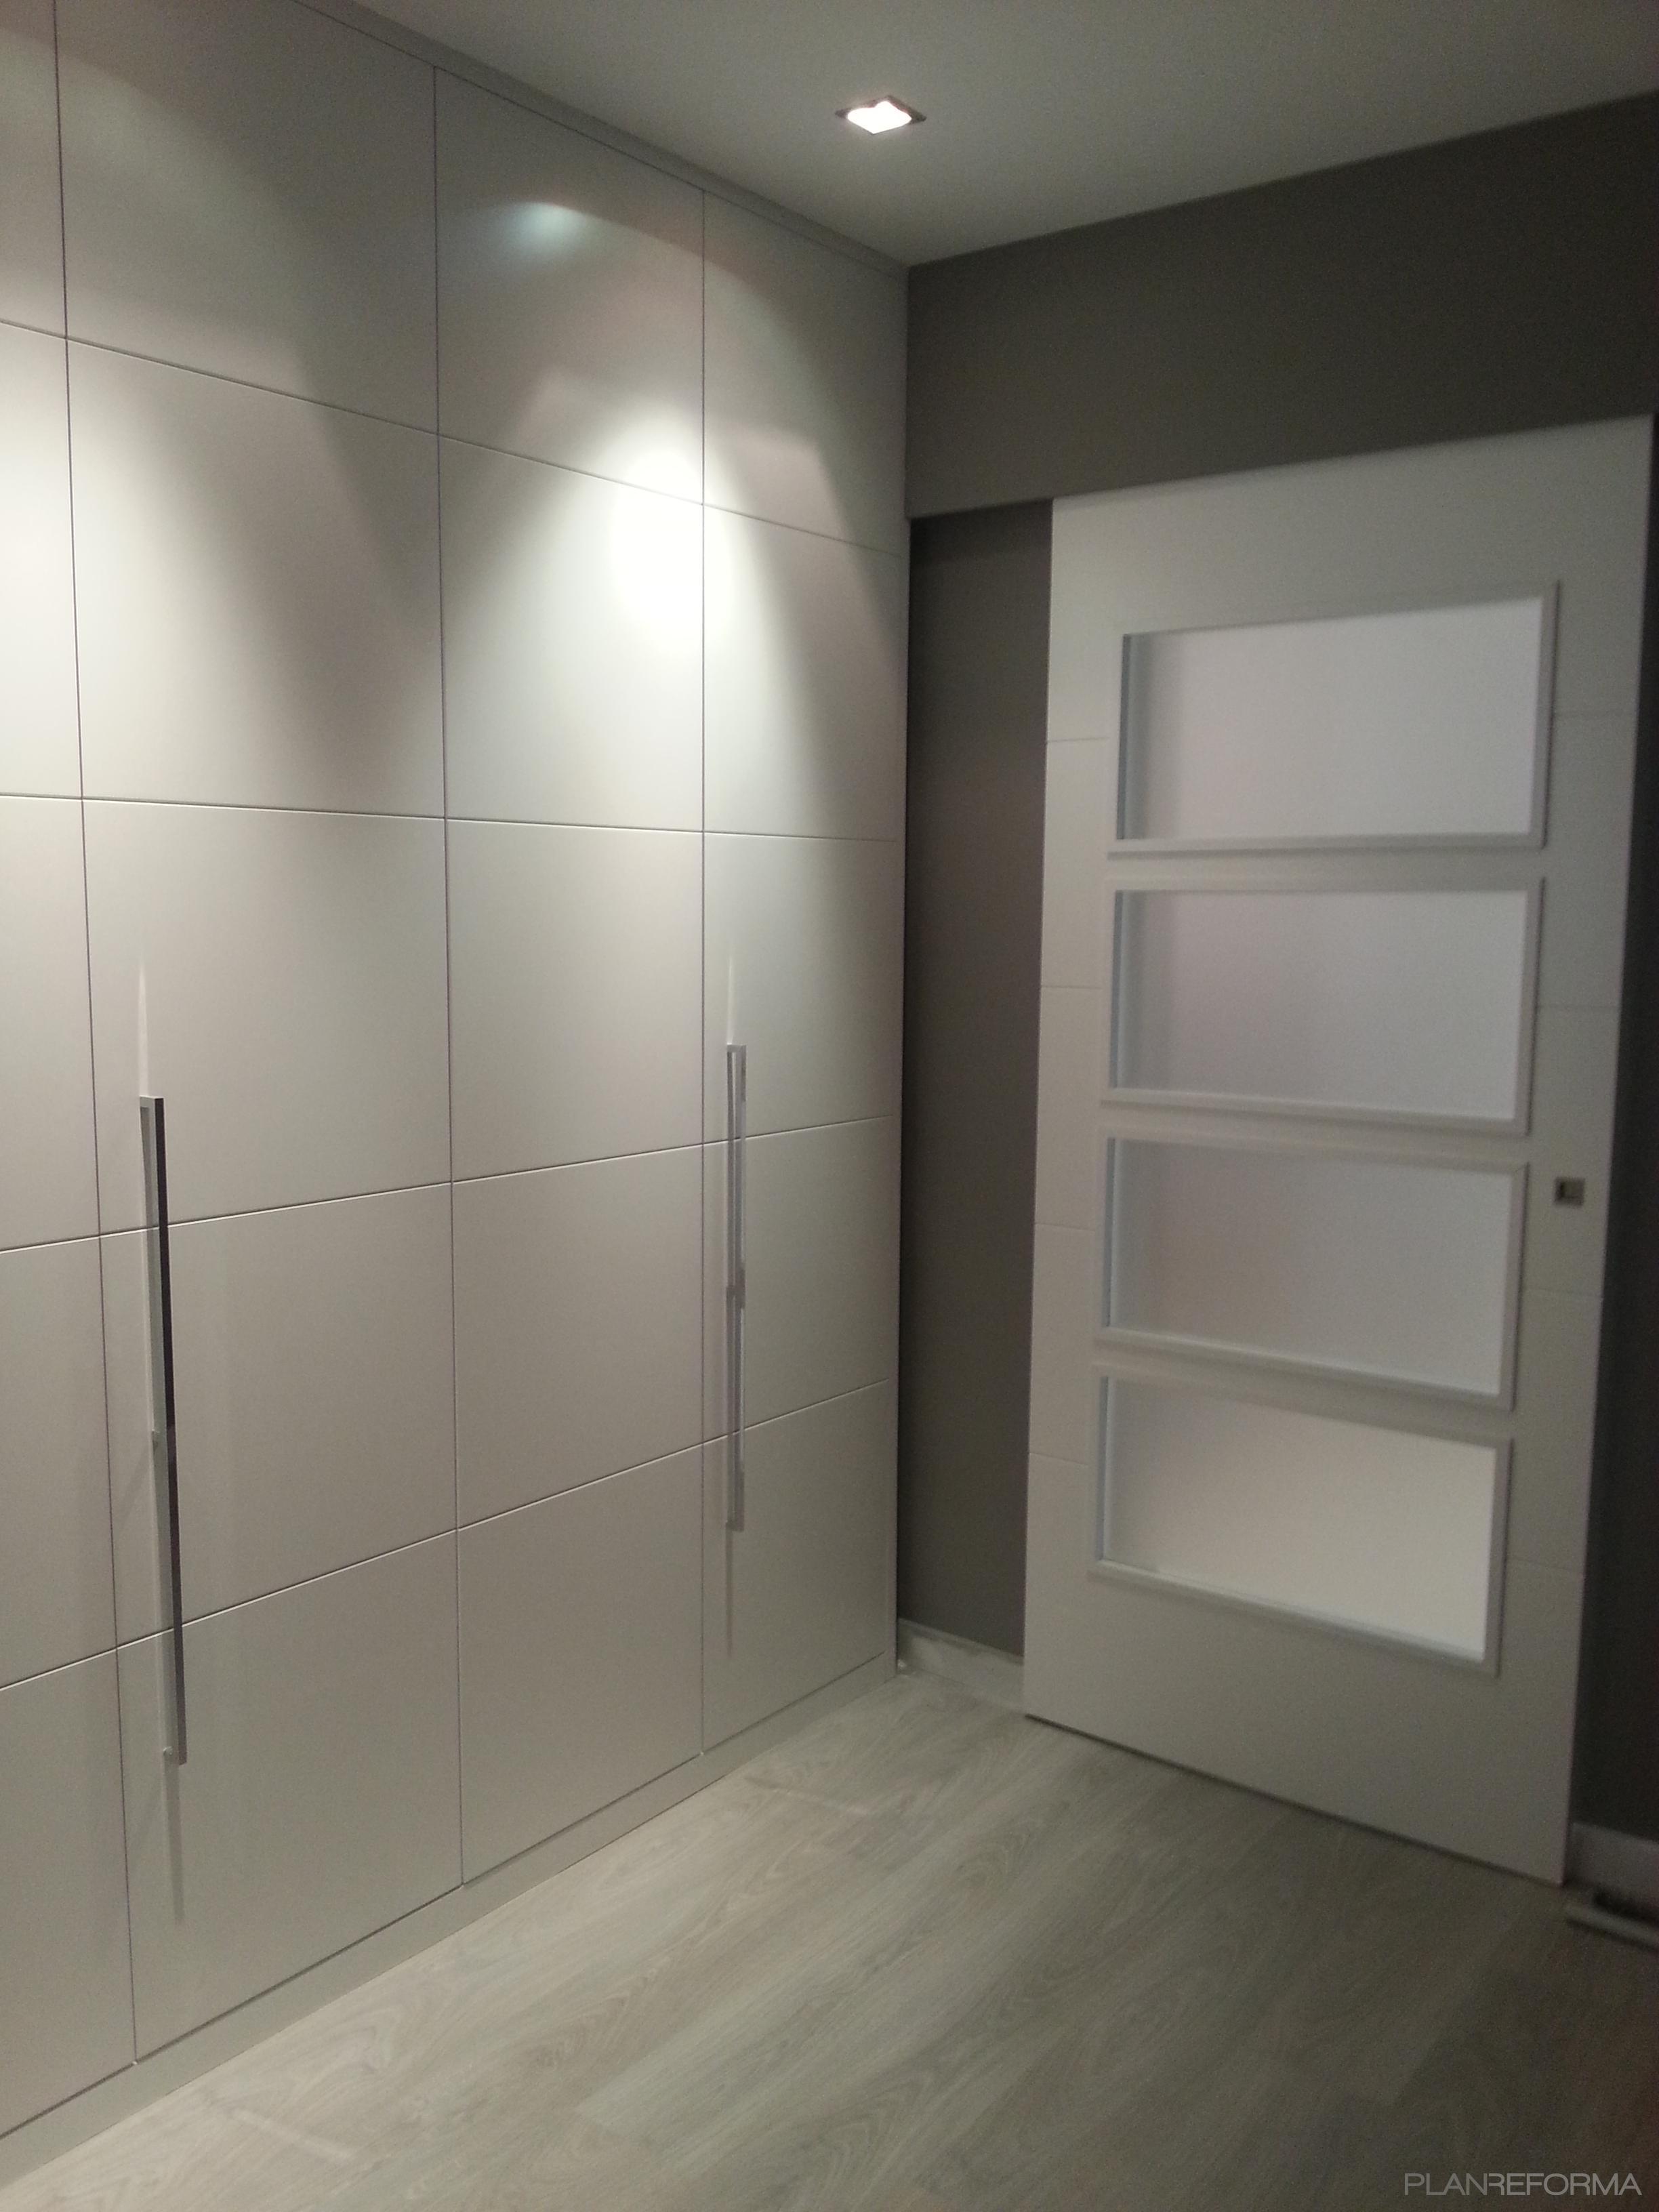 Vestidor estilo moderno color beige gris gris - Armarios empotrados modernos ...